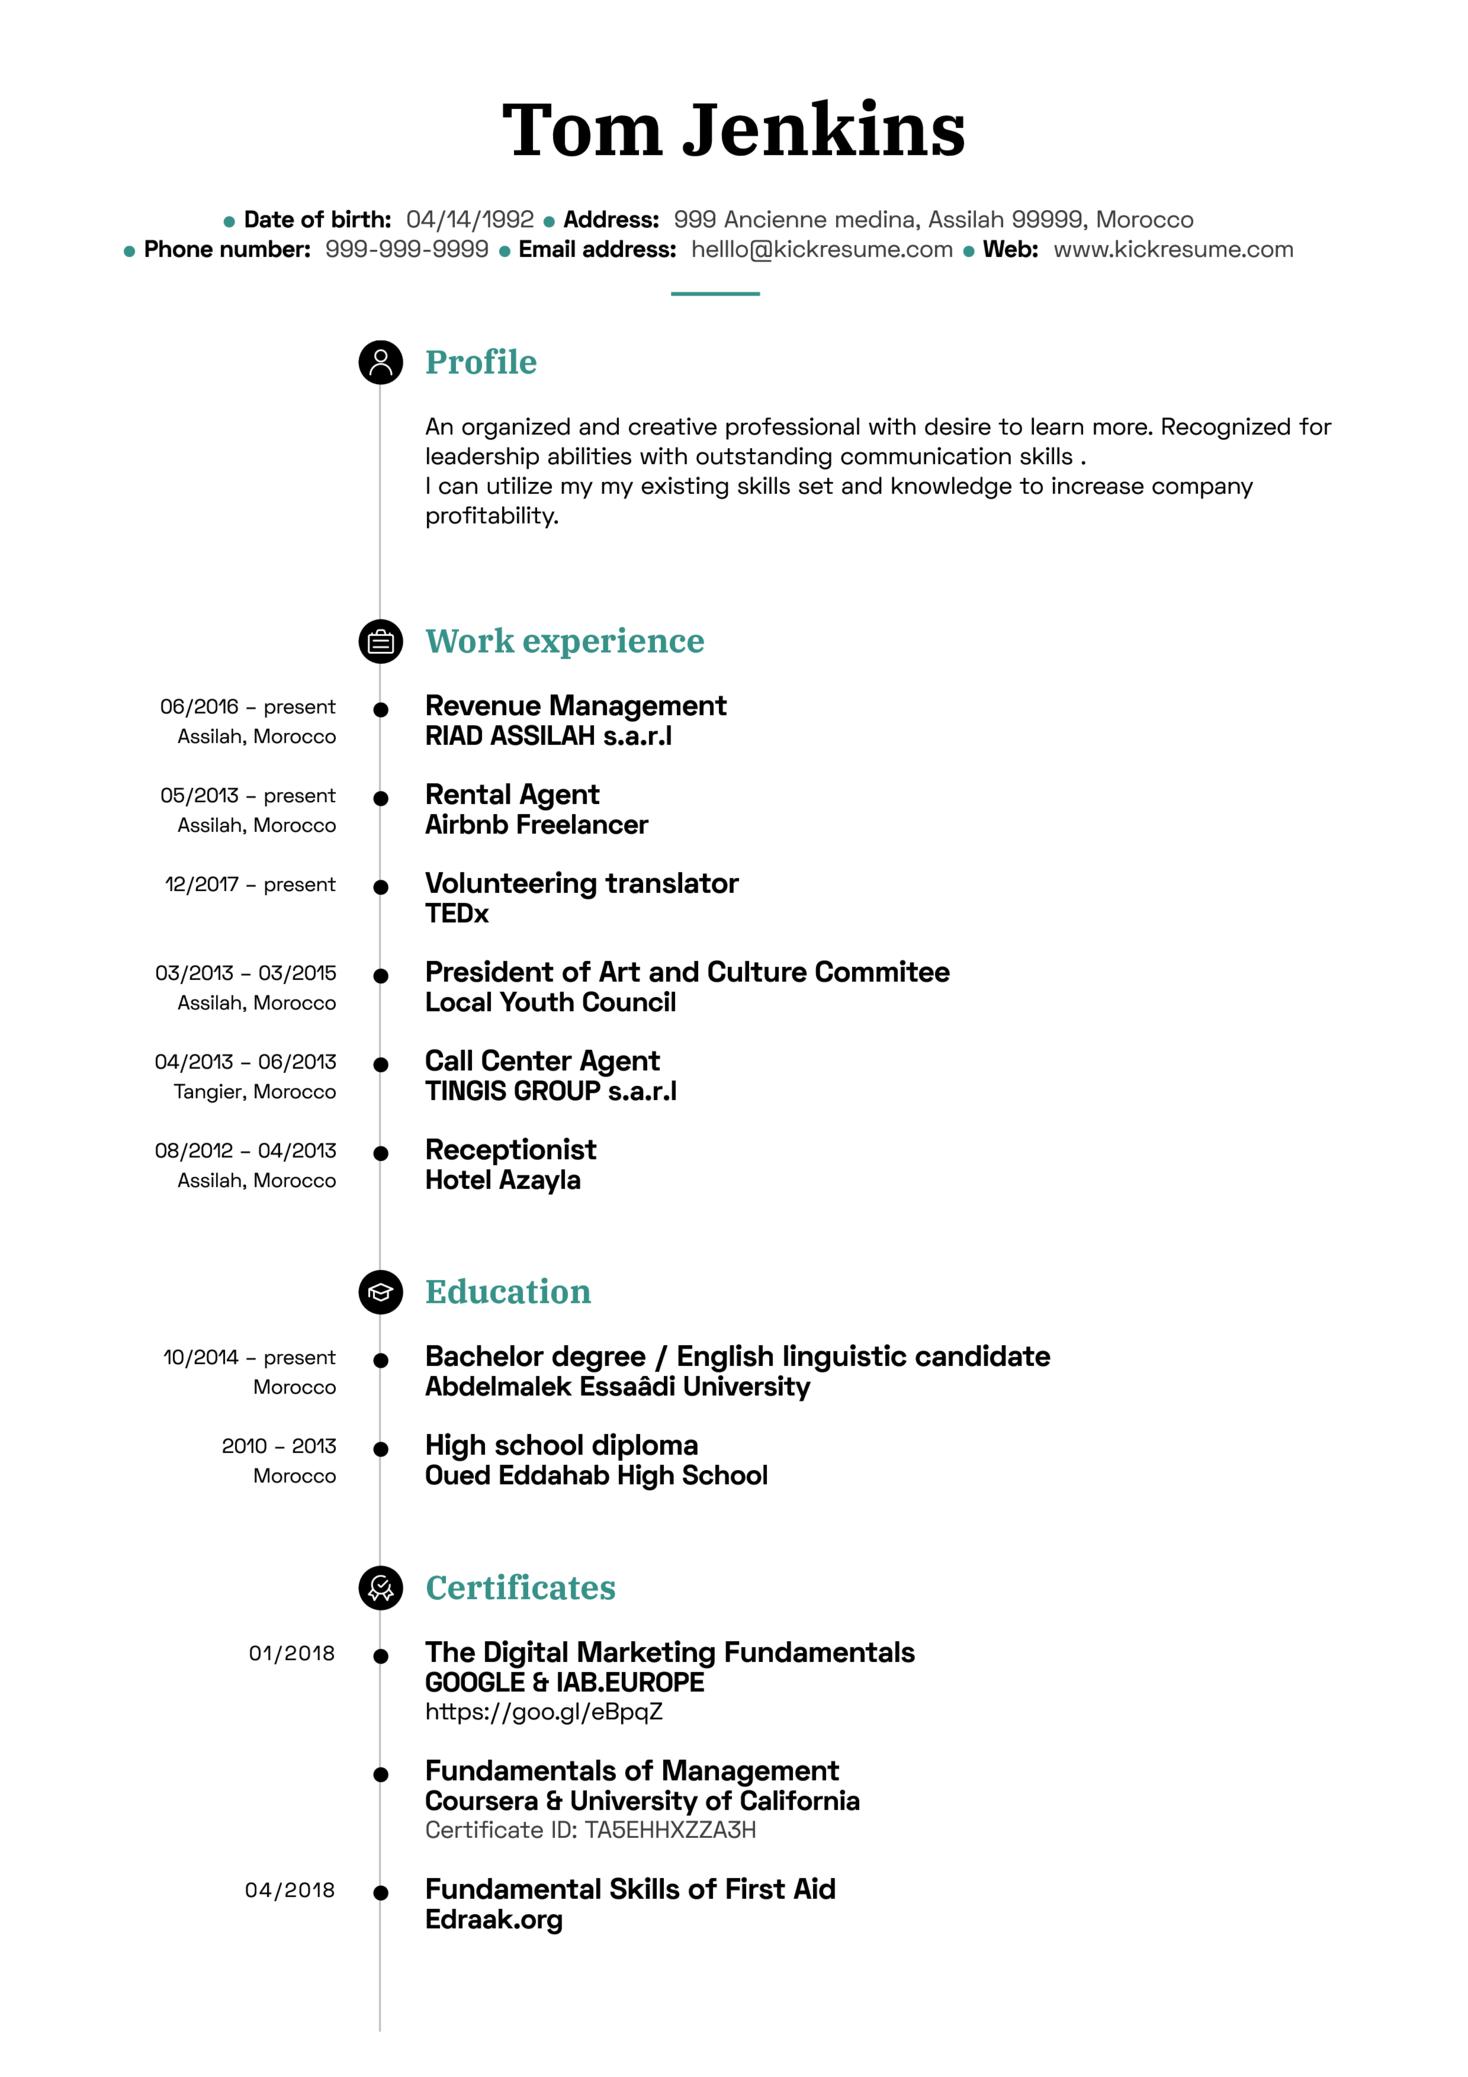 Digital Marketing Coordinator CV Sample (Part 1)